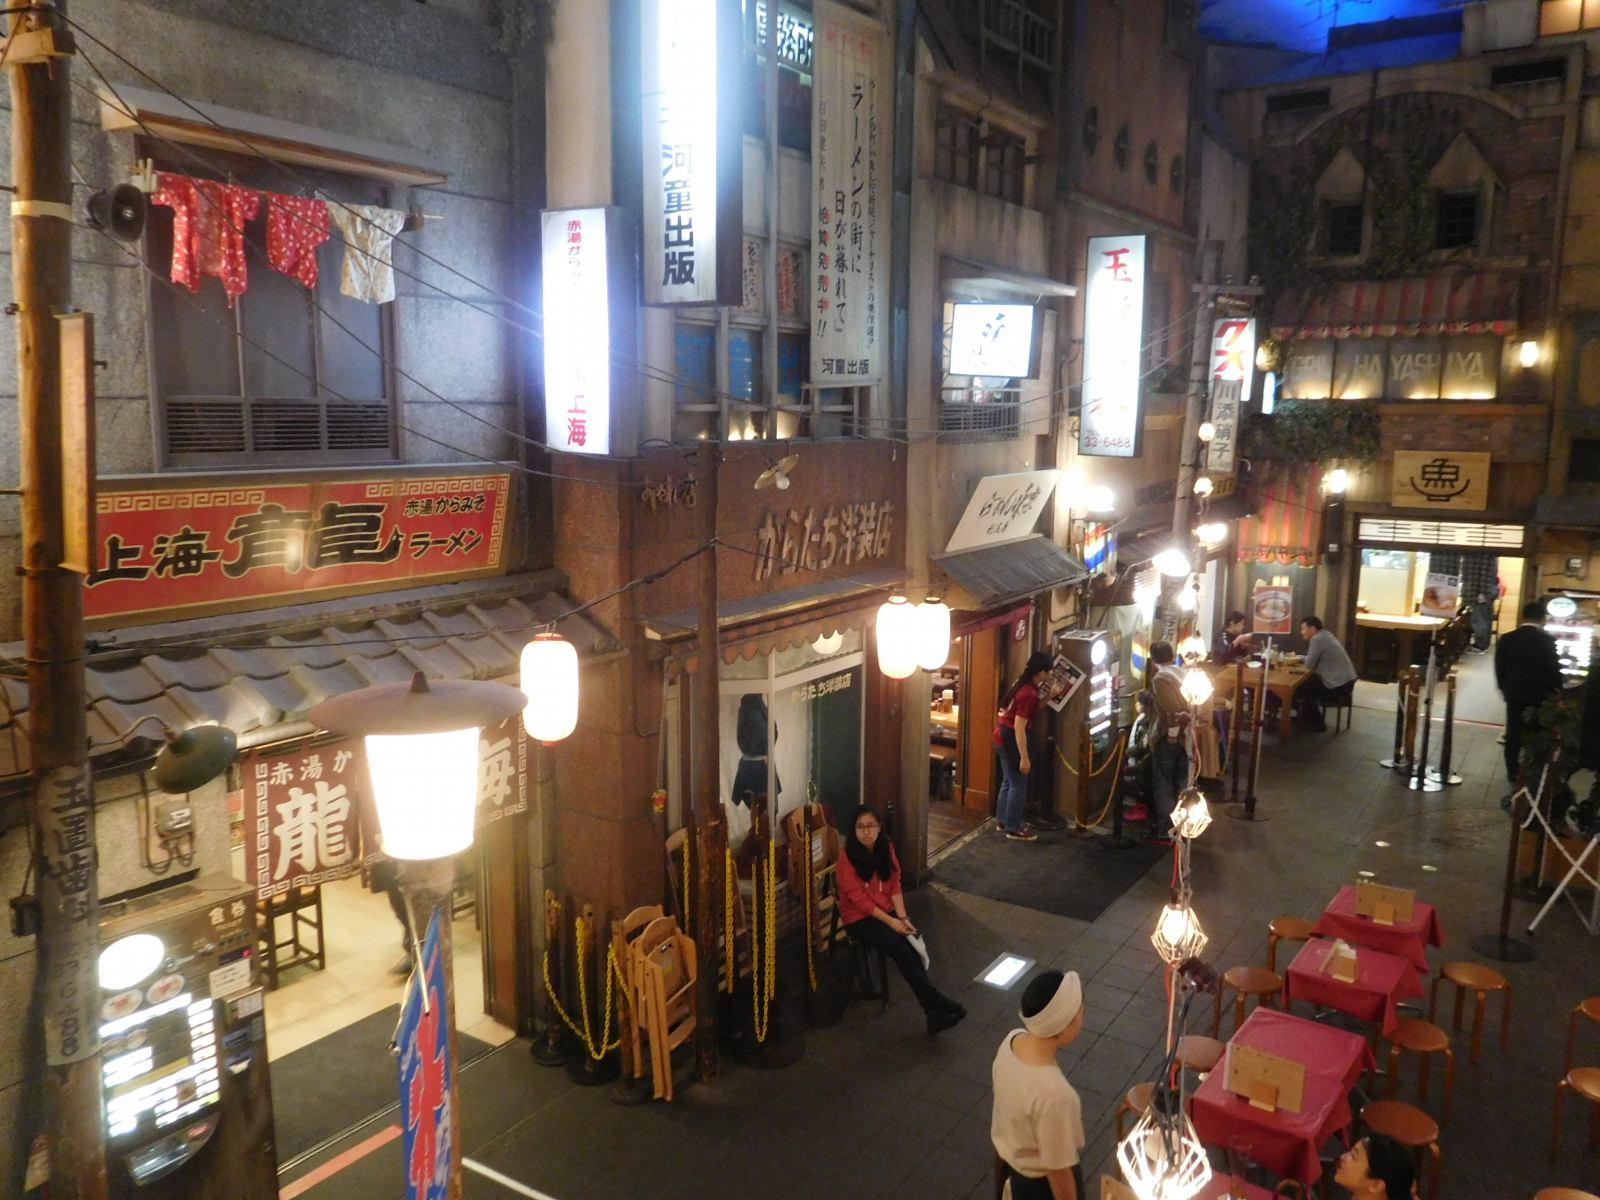 موزه شین یوکوهاما رامن توکیو